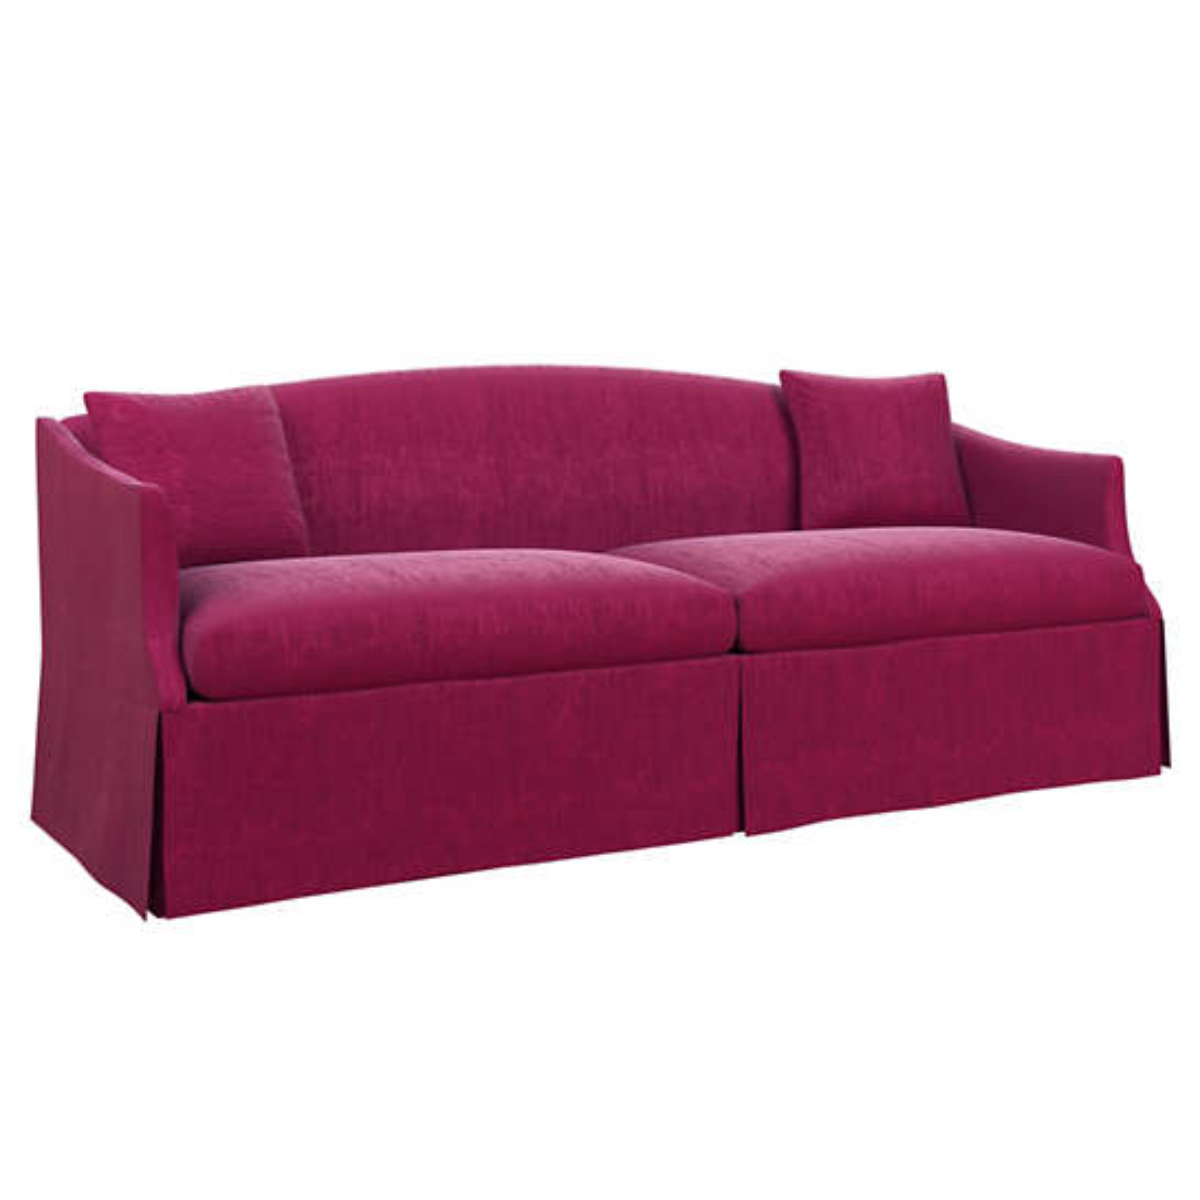 Plush Velvet Claret Avignon Sofa